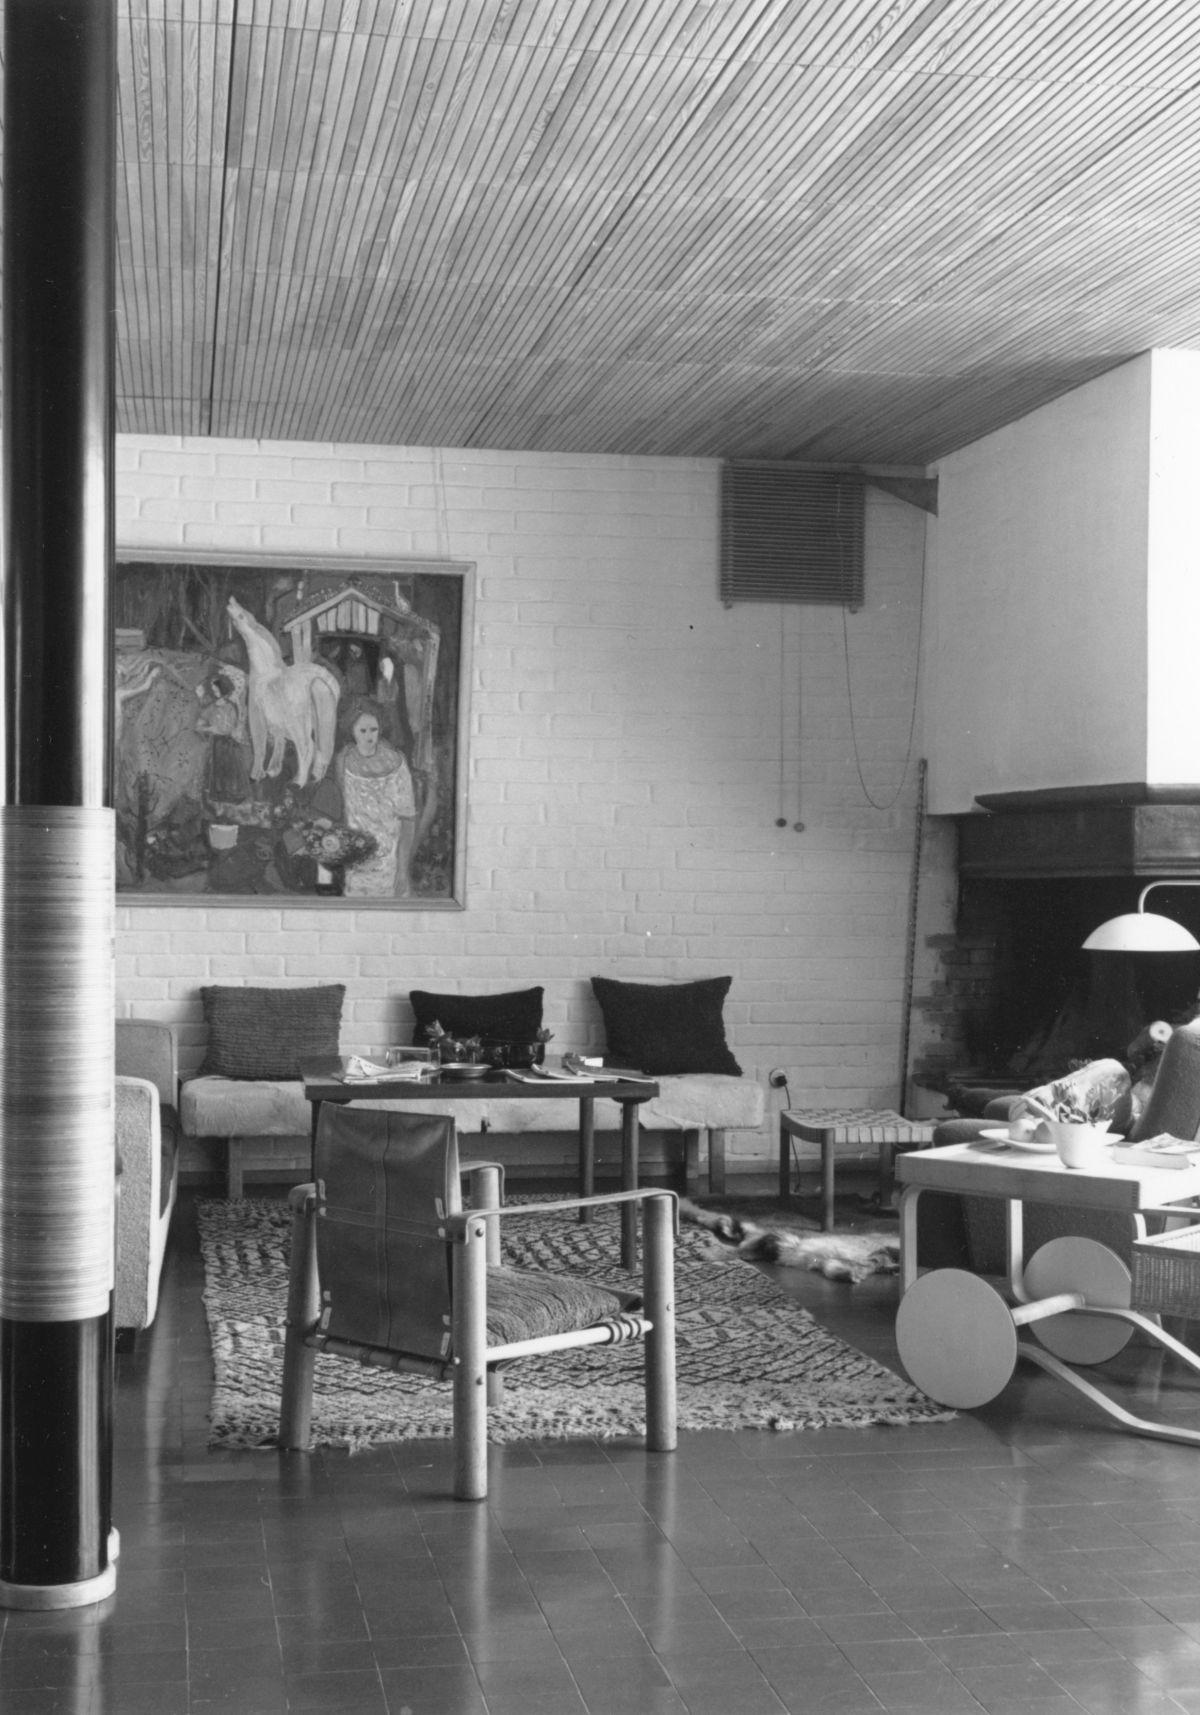 Villa Mairea historical photo